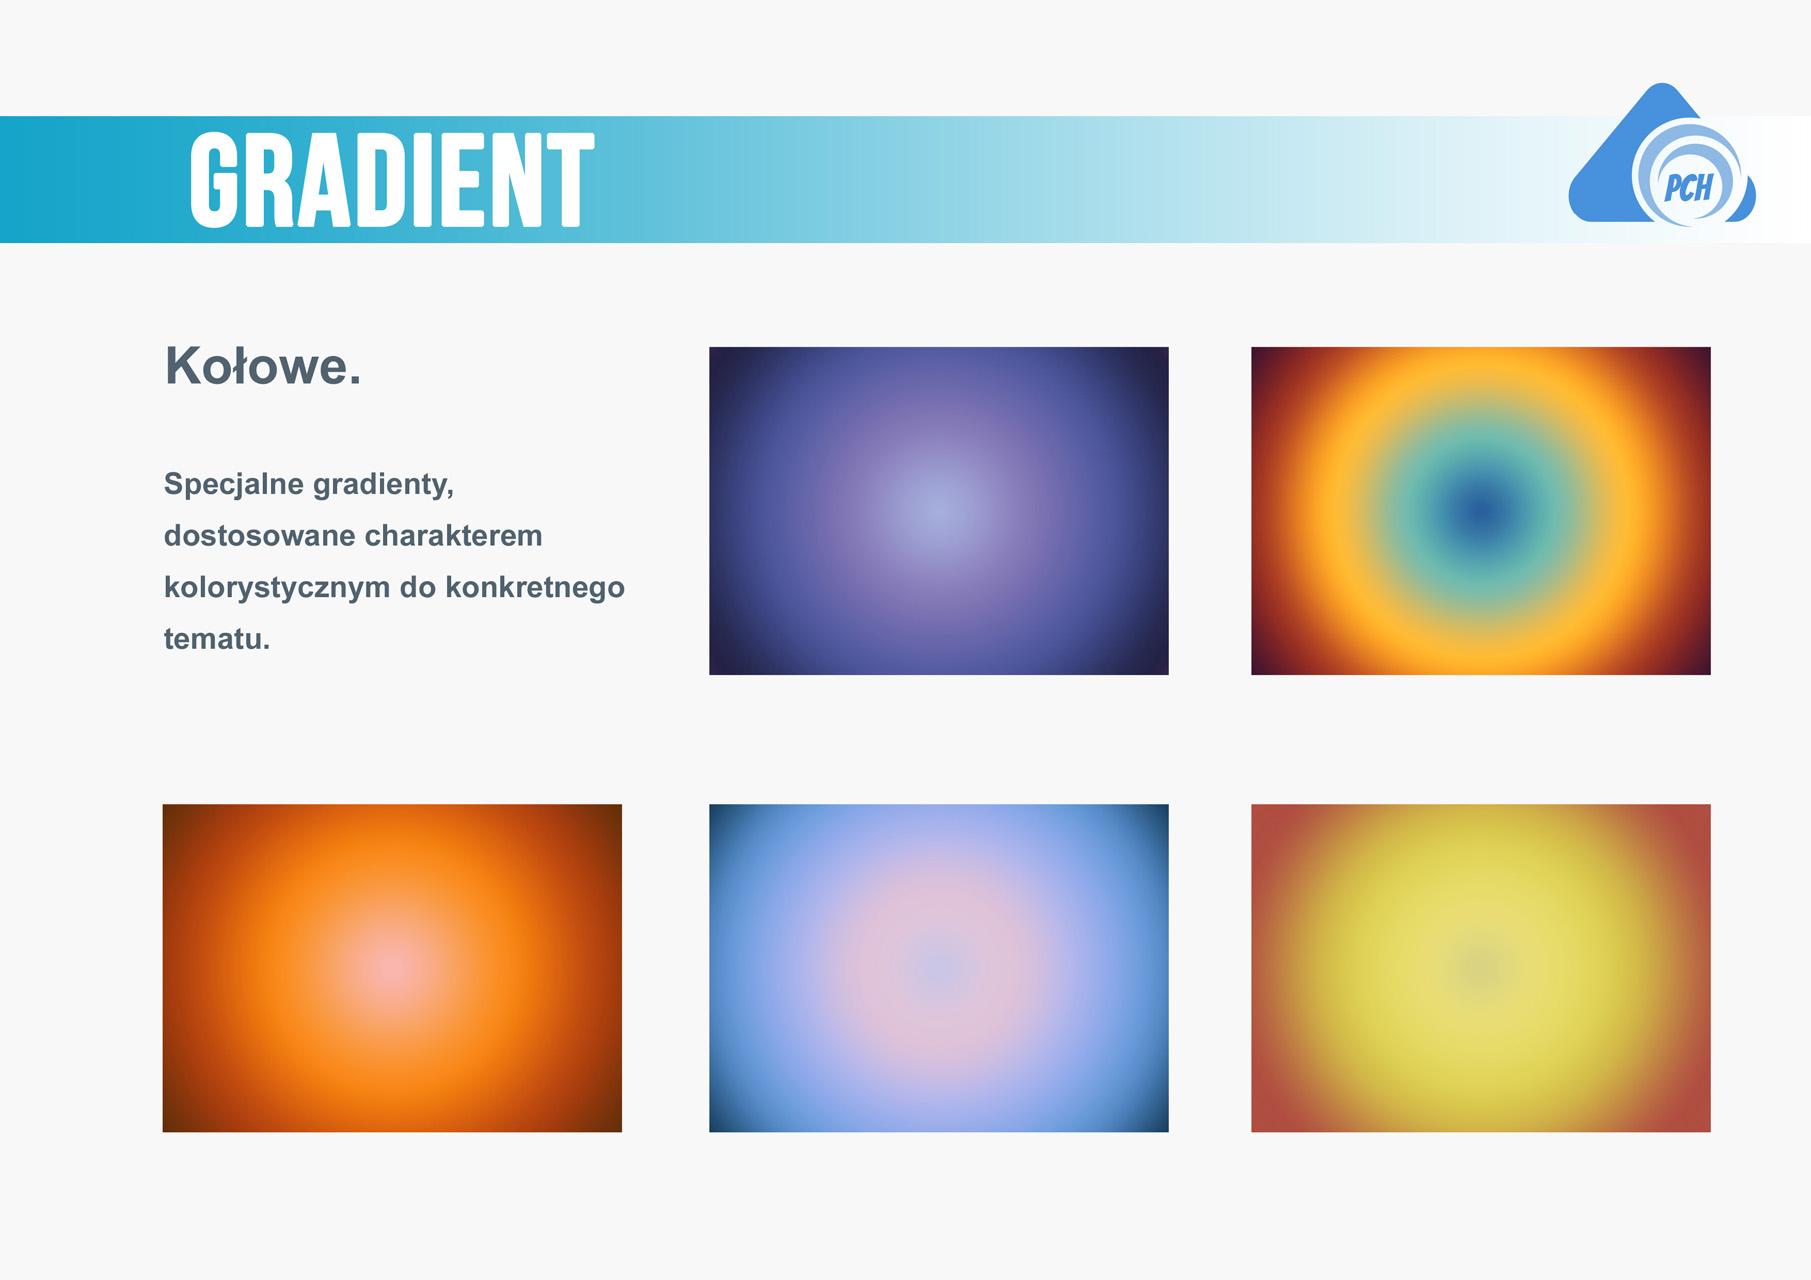 pp4-gradient-09